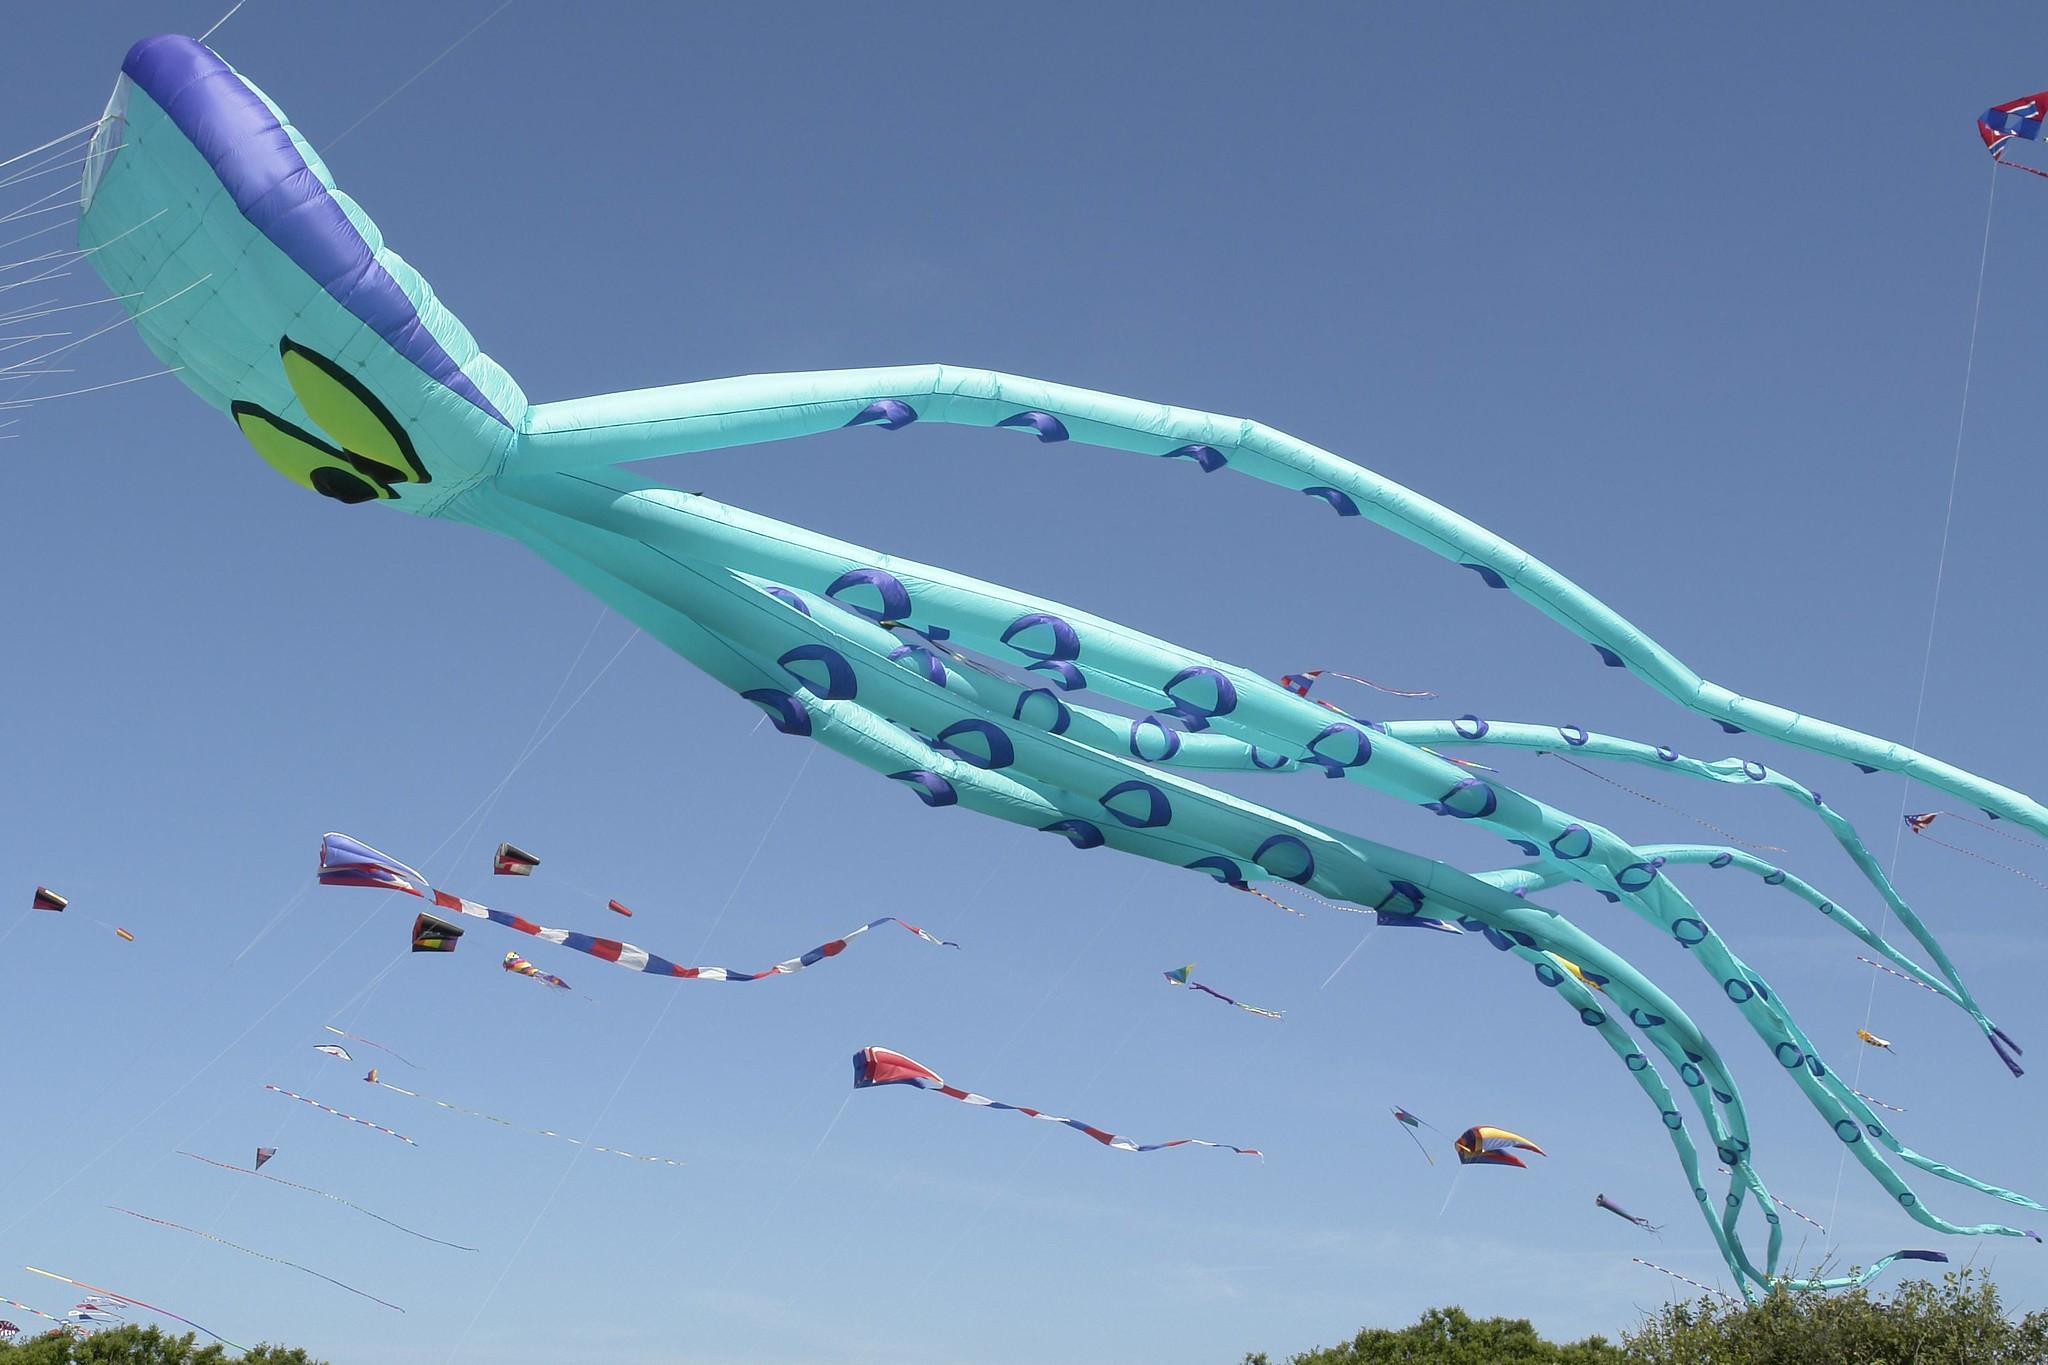 Newport Kite Festival